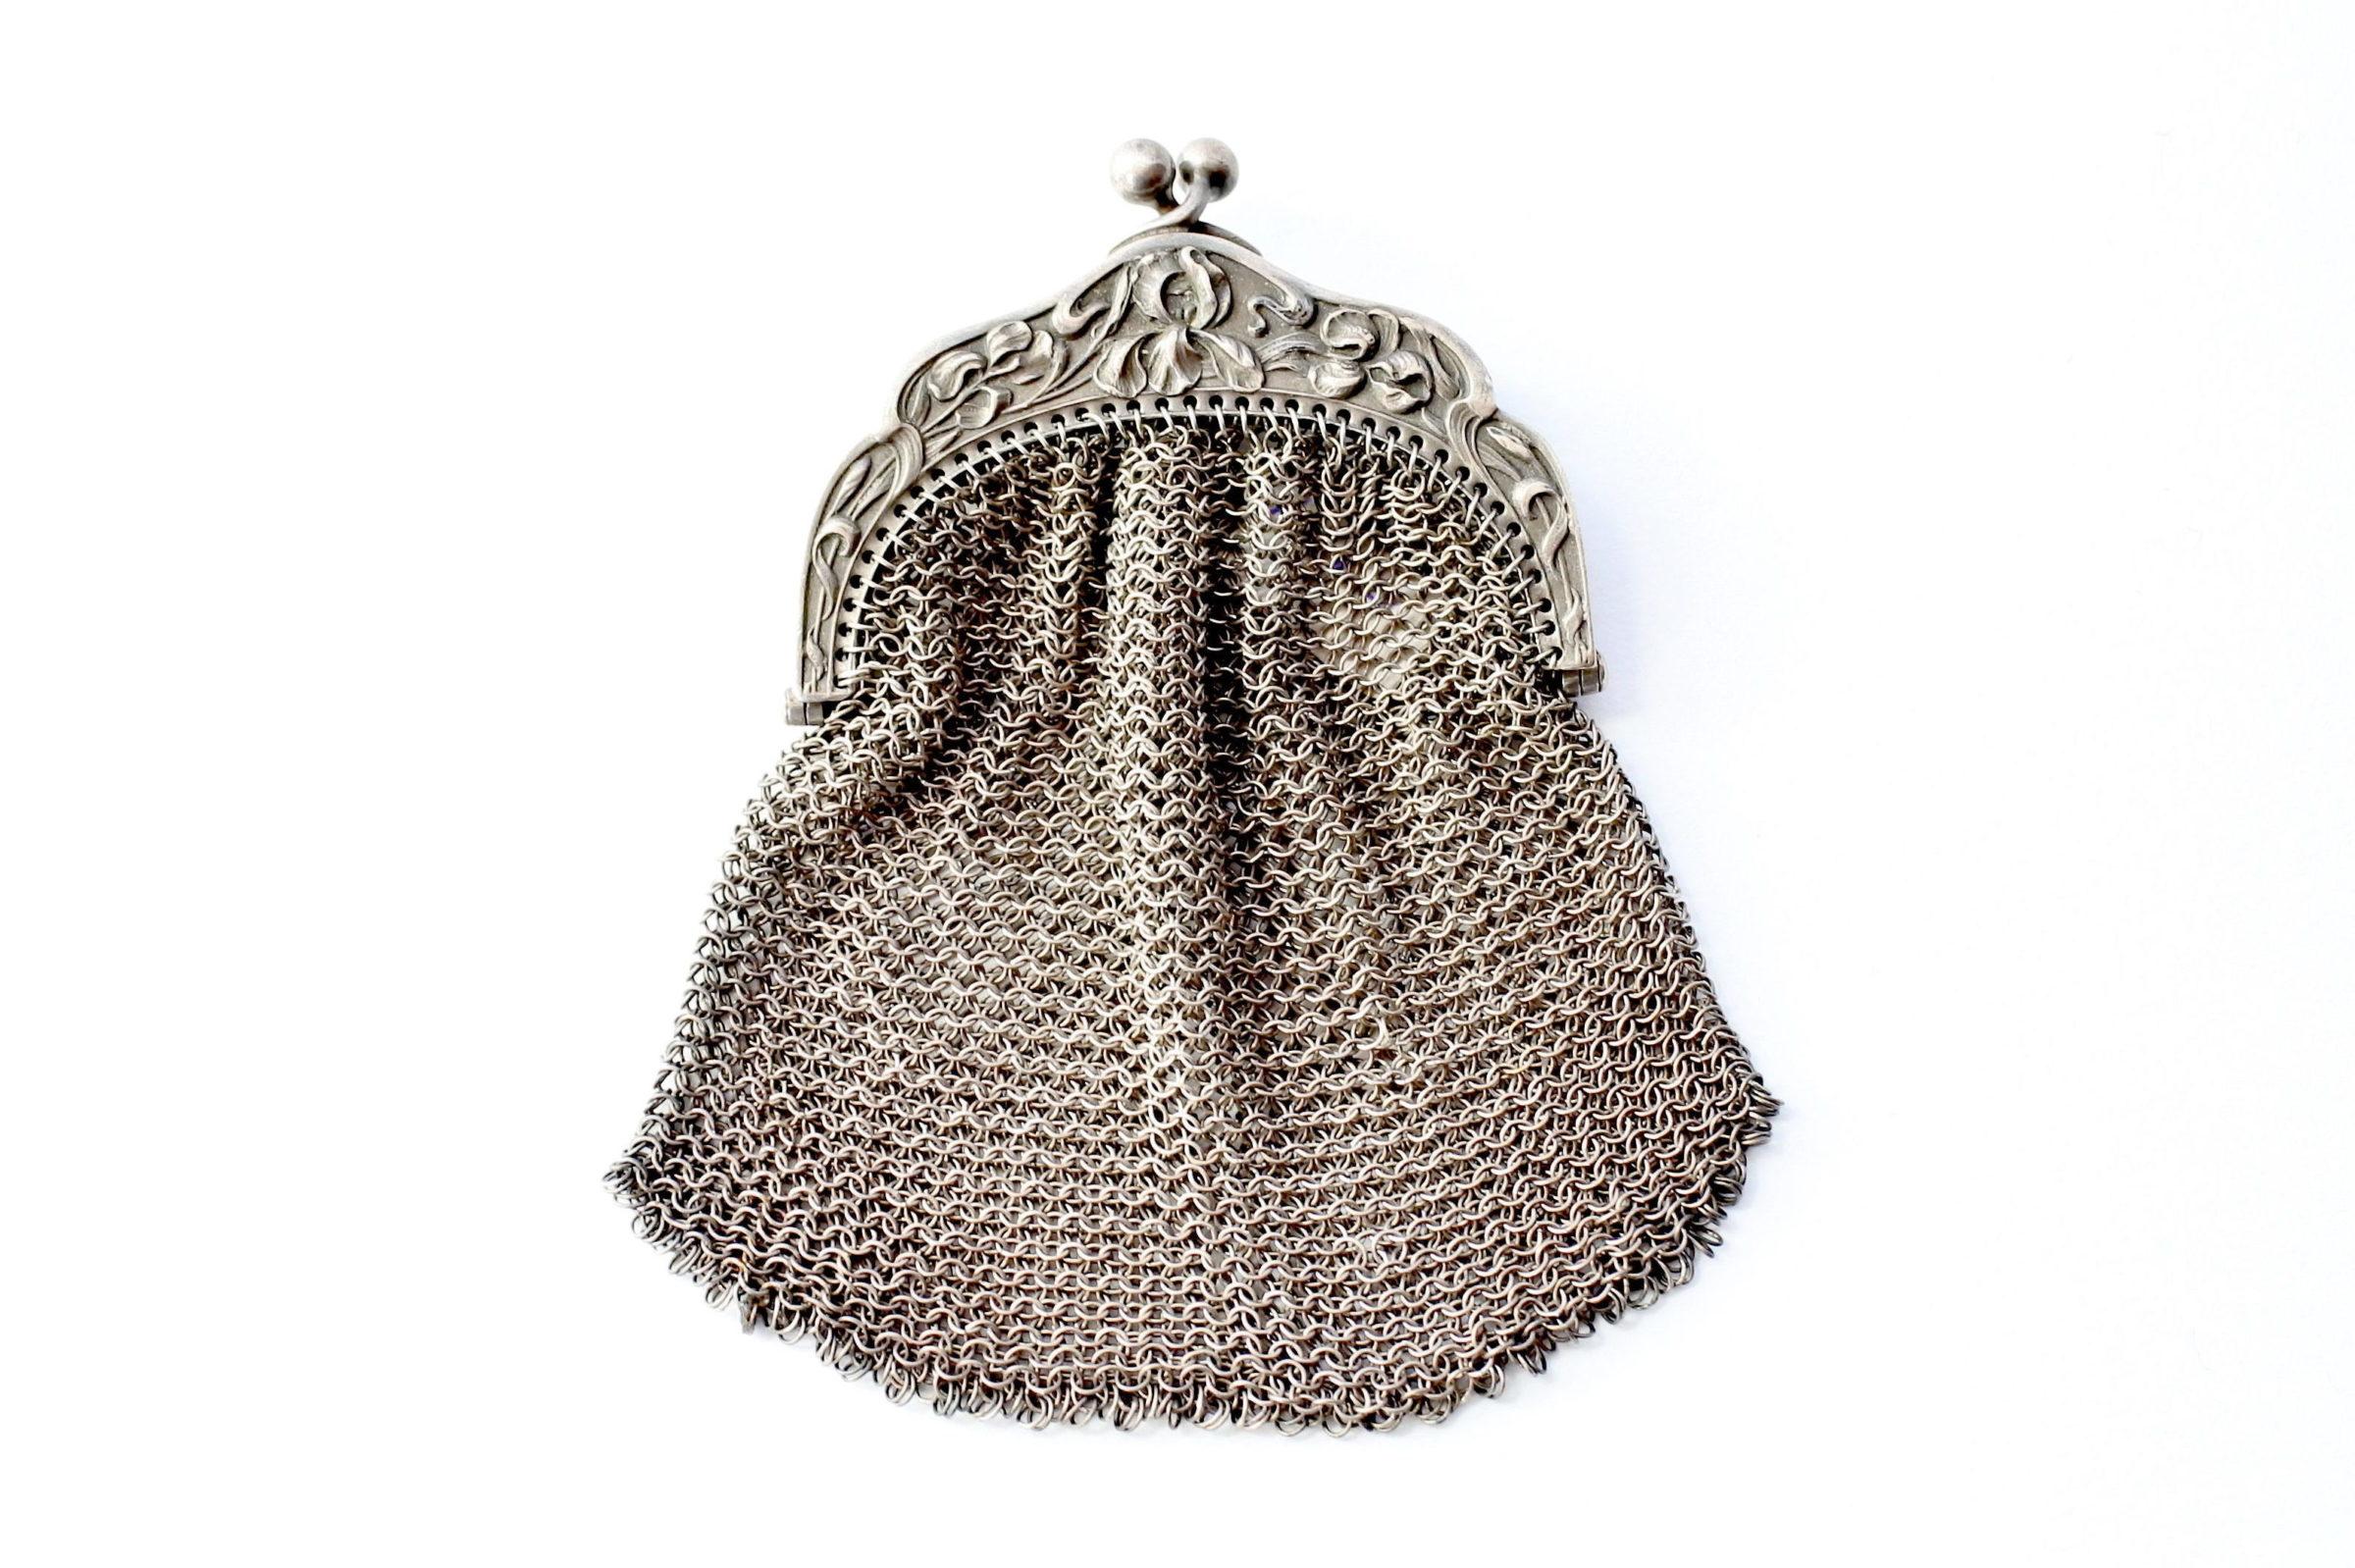 Borsellino in maglia d'argento - chiusura con decoro liberty - 2